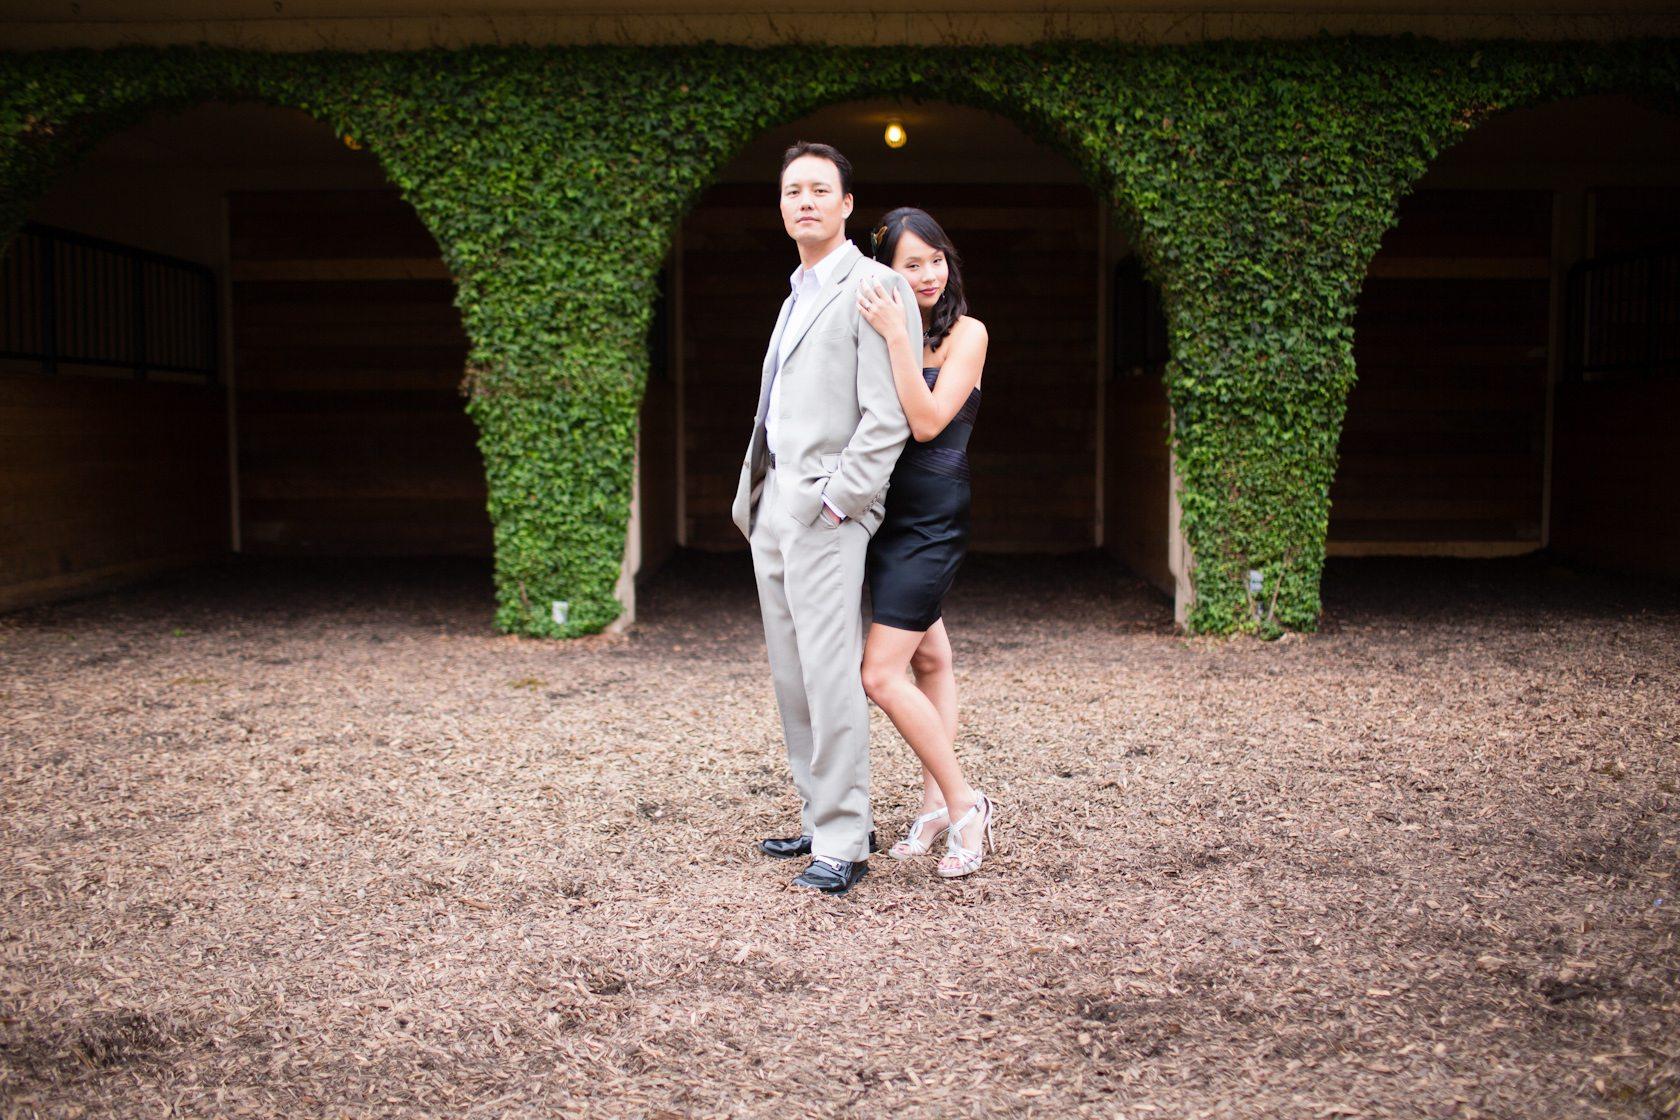 Del_Mar_Thoroughbred_Club_Engagement_05.jpg